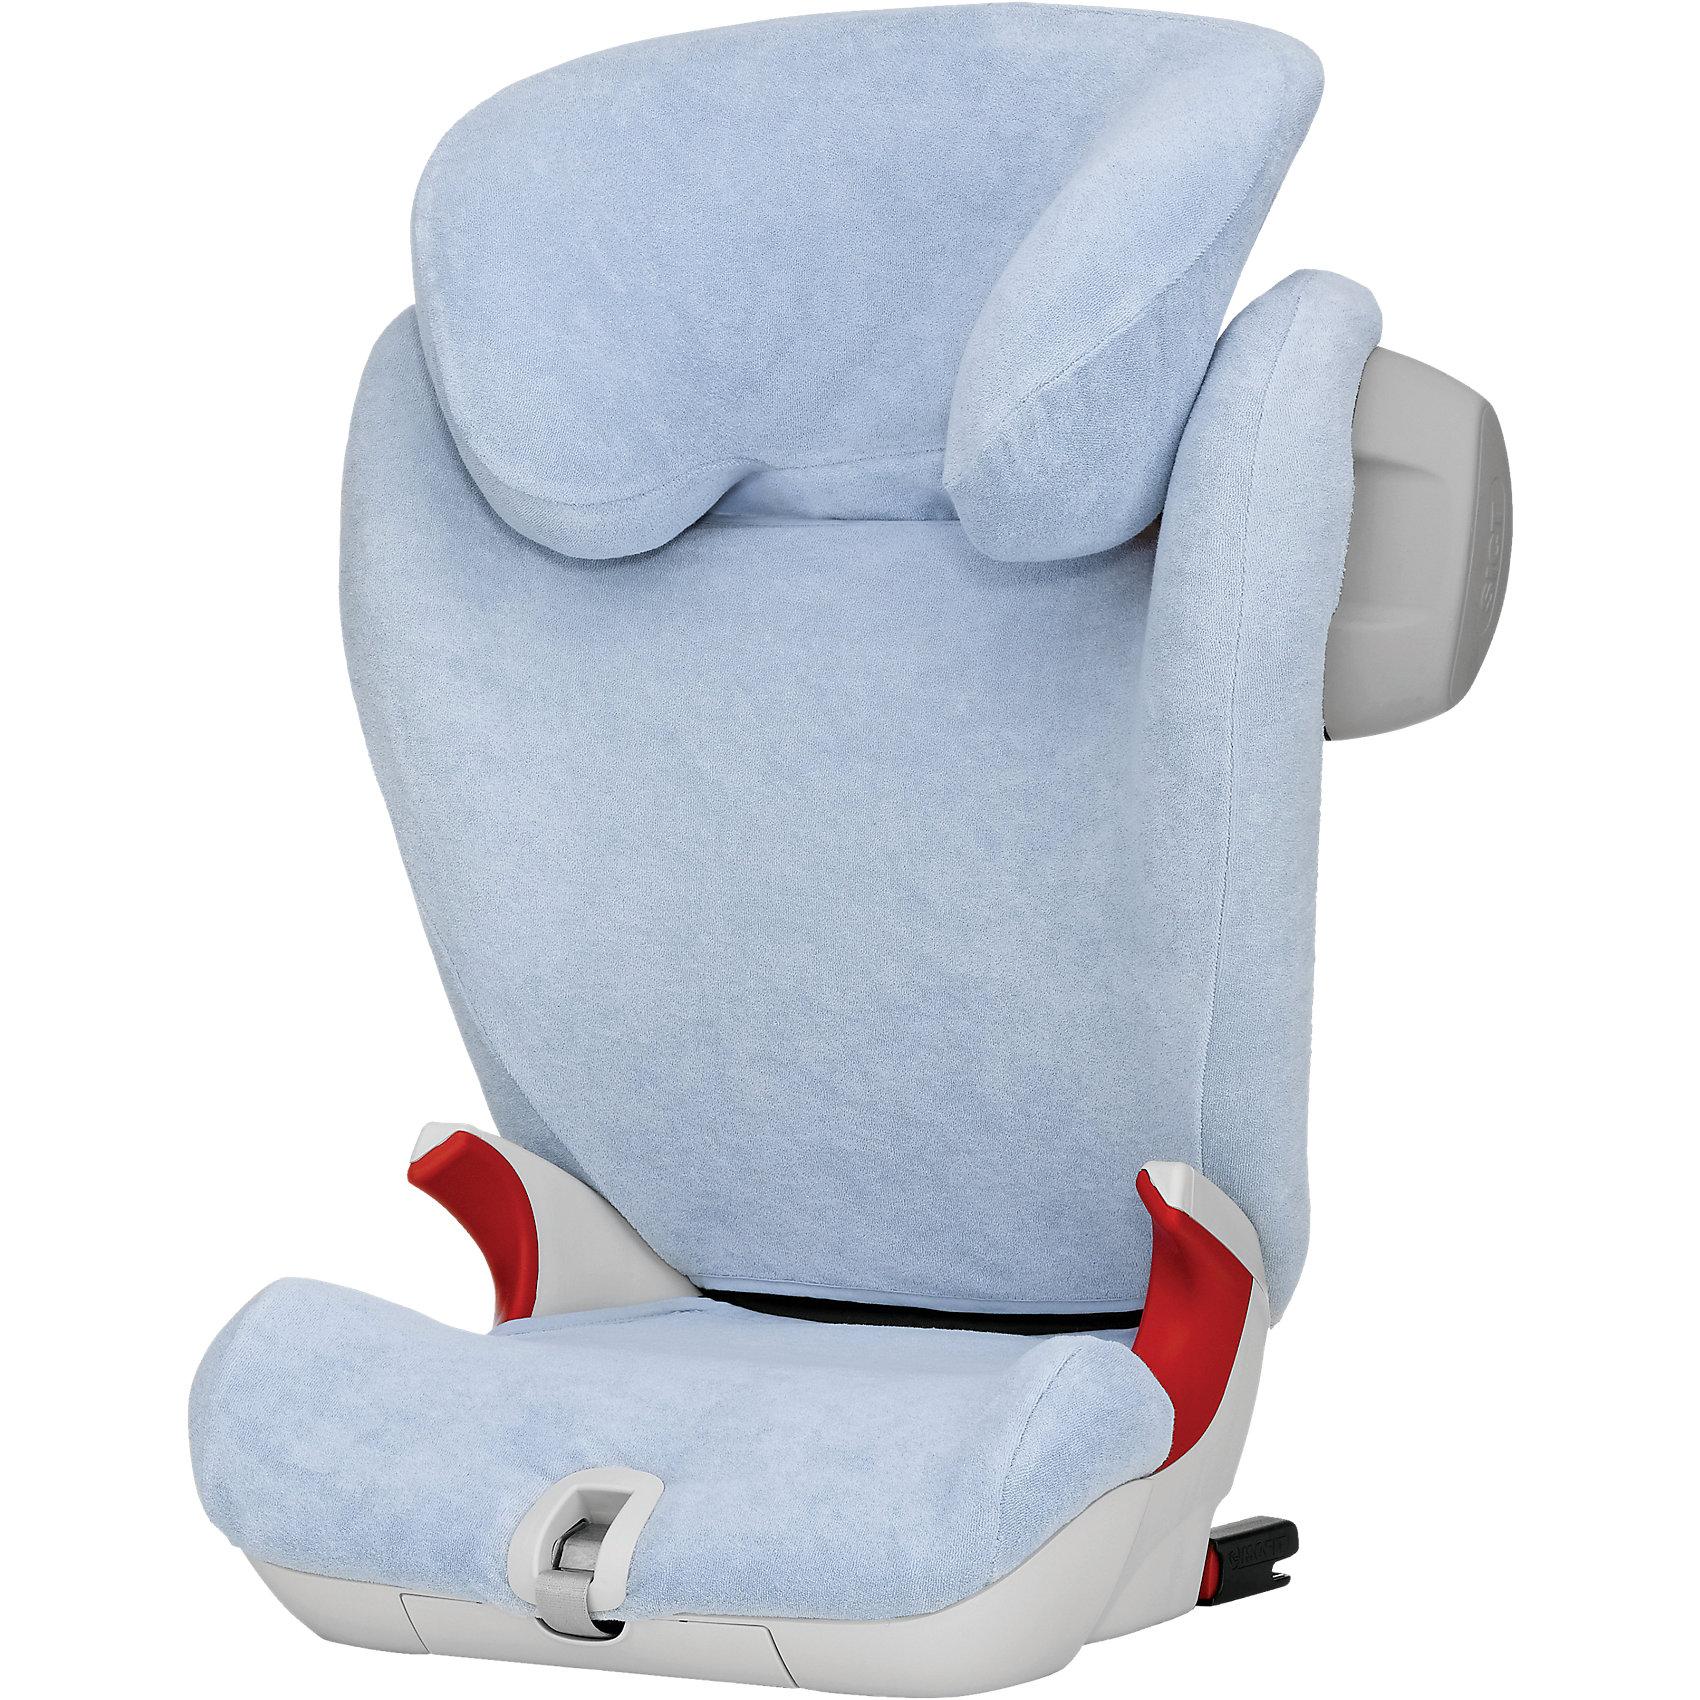 Летний чехол для автокресла KID II, KIDFIX SL, Britax Roemer, BlueЛетний чехол для автокресла KID II, KIDFIX SL - идеальный вариант для перевозки детей в жаркую погоду. Чехол предохранит кресло от загрязнений, благодаря светлой расцветке он меньше нагревается. Выполнен из мягкого, приятного на ощупь гипоаллергенного материала. <br><br>Дополнительная информация:<br><br>- Материал: 80% хлопок, 20% полиэстер.<br>- Мягкая, приятная на ощупь ткань. <br>- Отлично поглощает влагу. <br>- Стирка при 60 ?.<br><br>Летний чехол для автокресла KID II, KIDFIX SL, Britax Romer (Бритакс Ремер), Blue, можно купить в нашем магазине.<br><br>Ширина мм: 261<br>Глубина мм: 192<br>Высота мм: 68<br>Вес г: 330<br>Цвет: синий<br>Возраст от месяцев: 36<br>Возраст до месяцев: 144<br>Пол: Унисекс<br>Возраст: Детский<br>SKU: 4700731